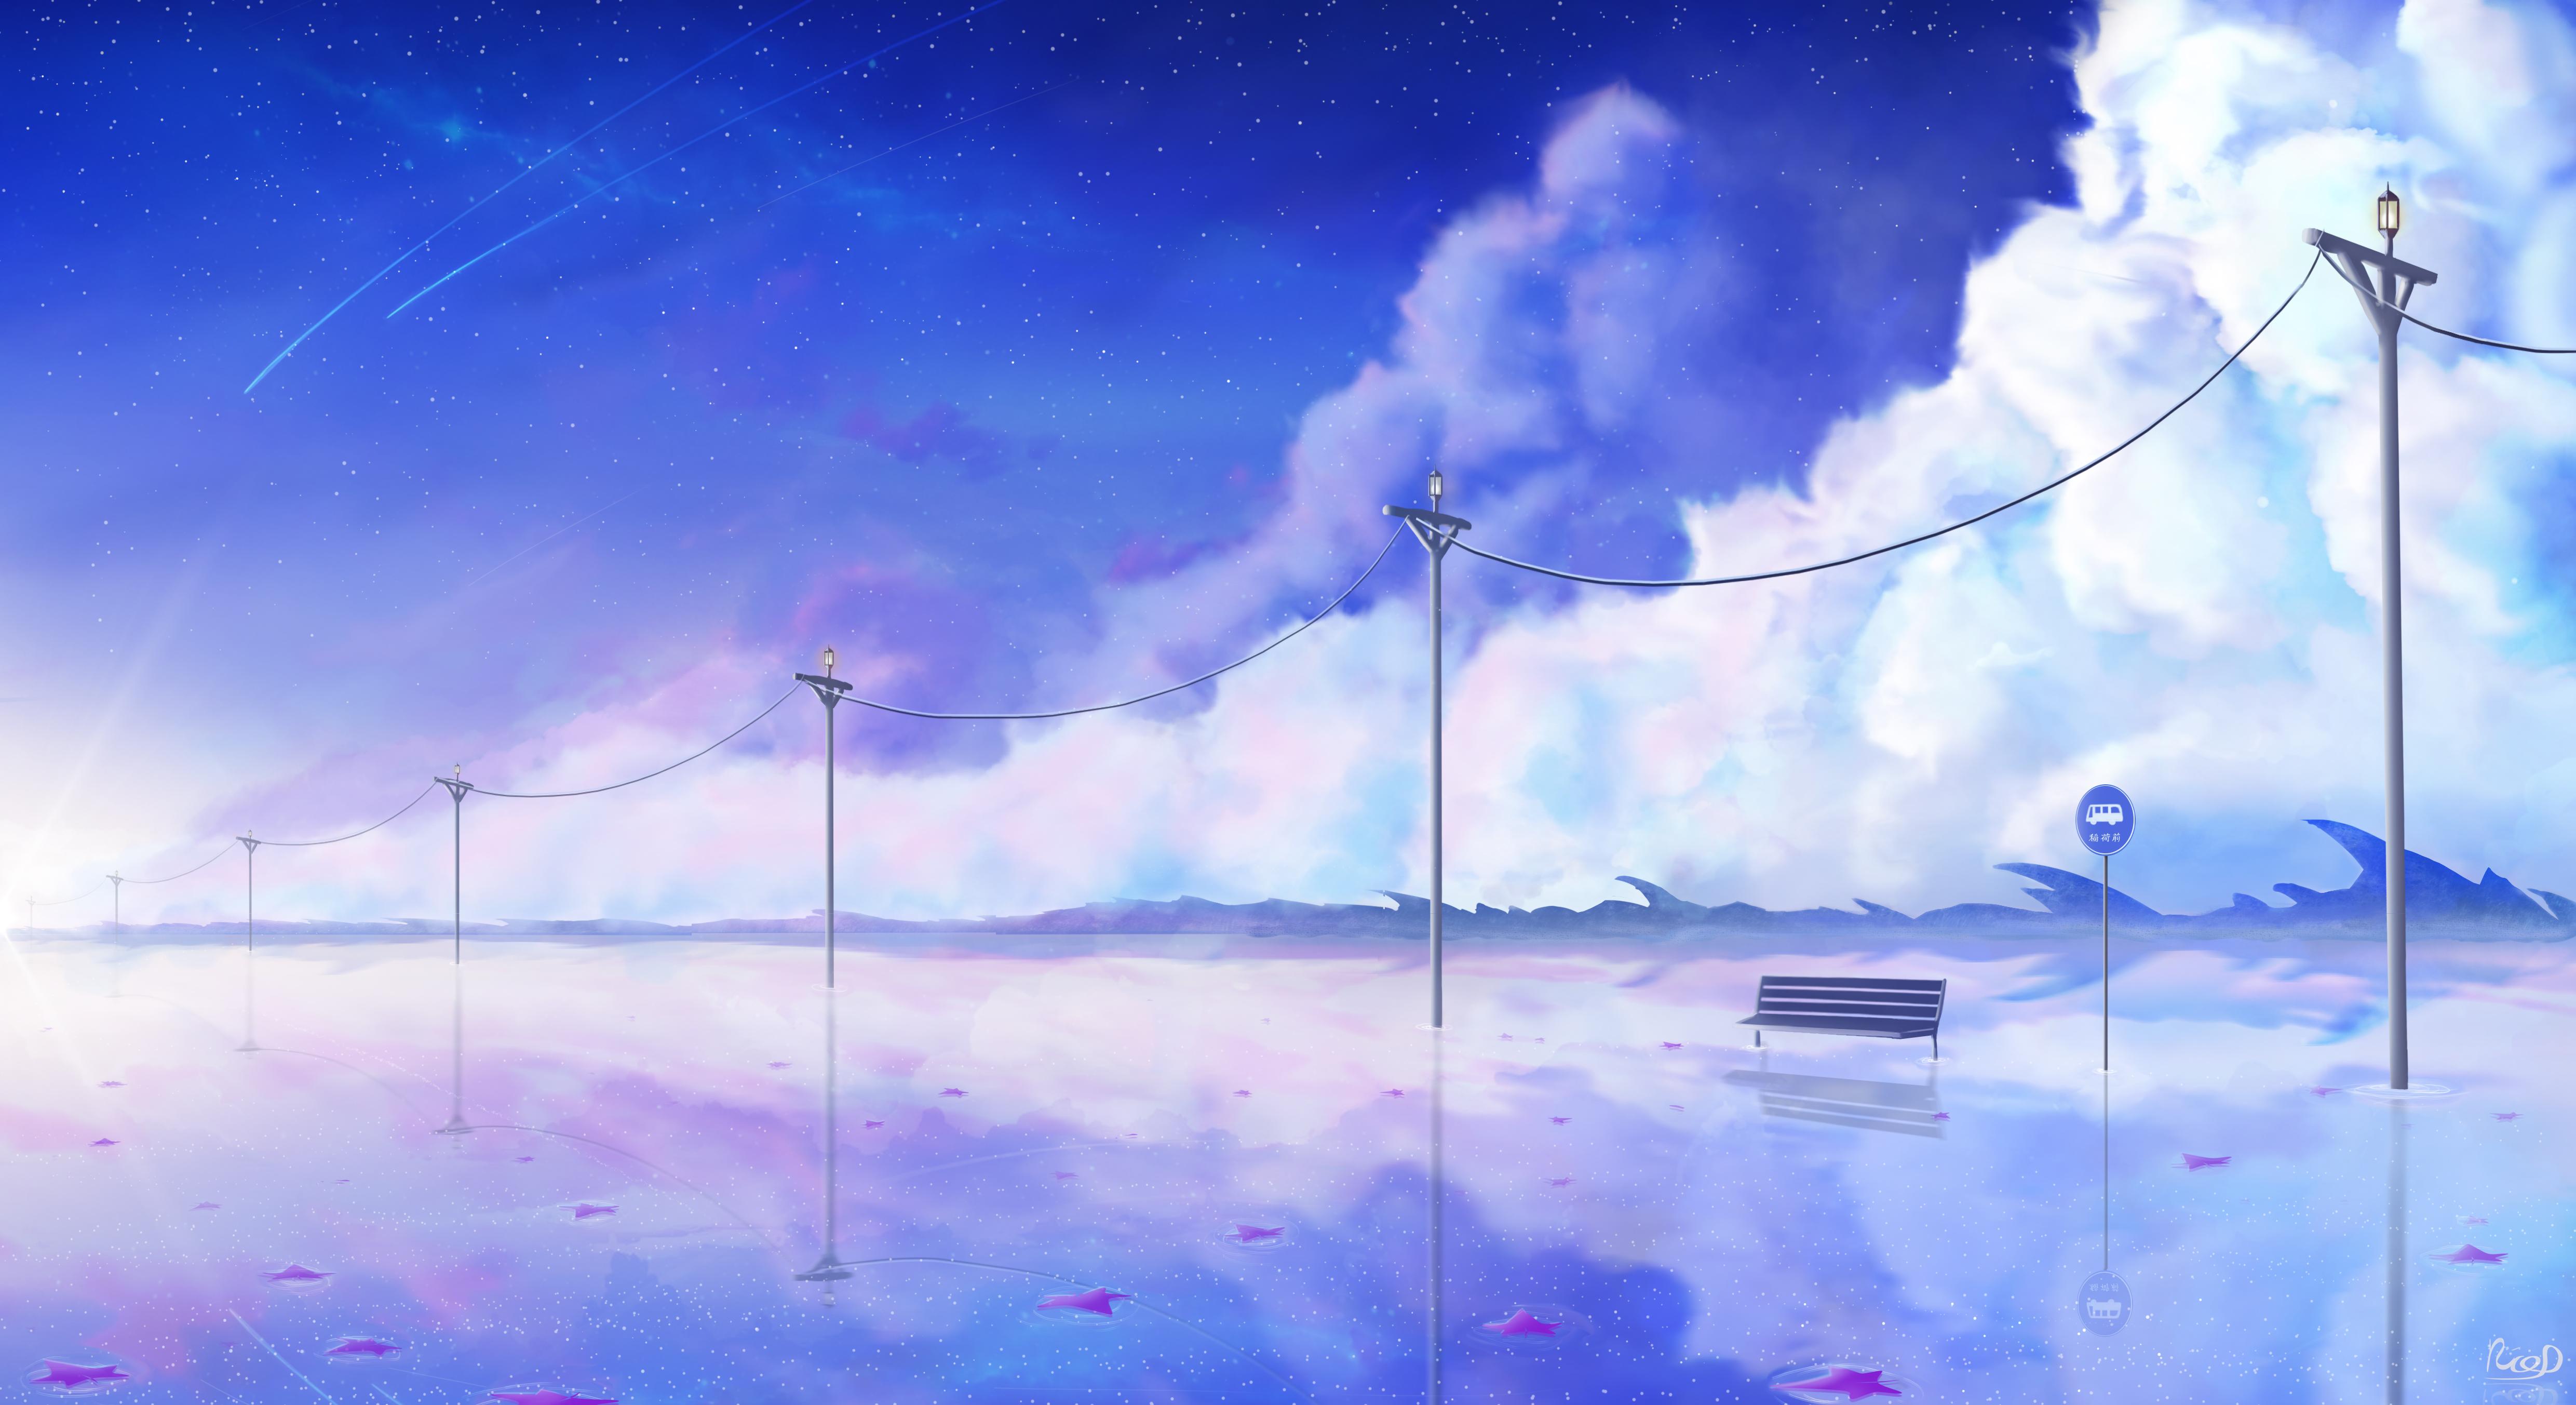 92436 papel de parede 1080x2400 em seu telefone gratuitamente, baixe imagens Arte, Nuvens, Banco, Fios, Arame, Fada, Fabuloso 1080x2400 em seu celular